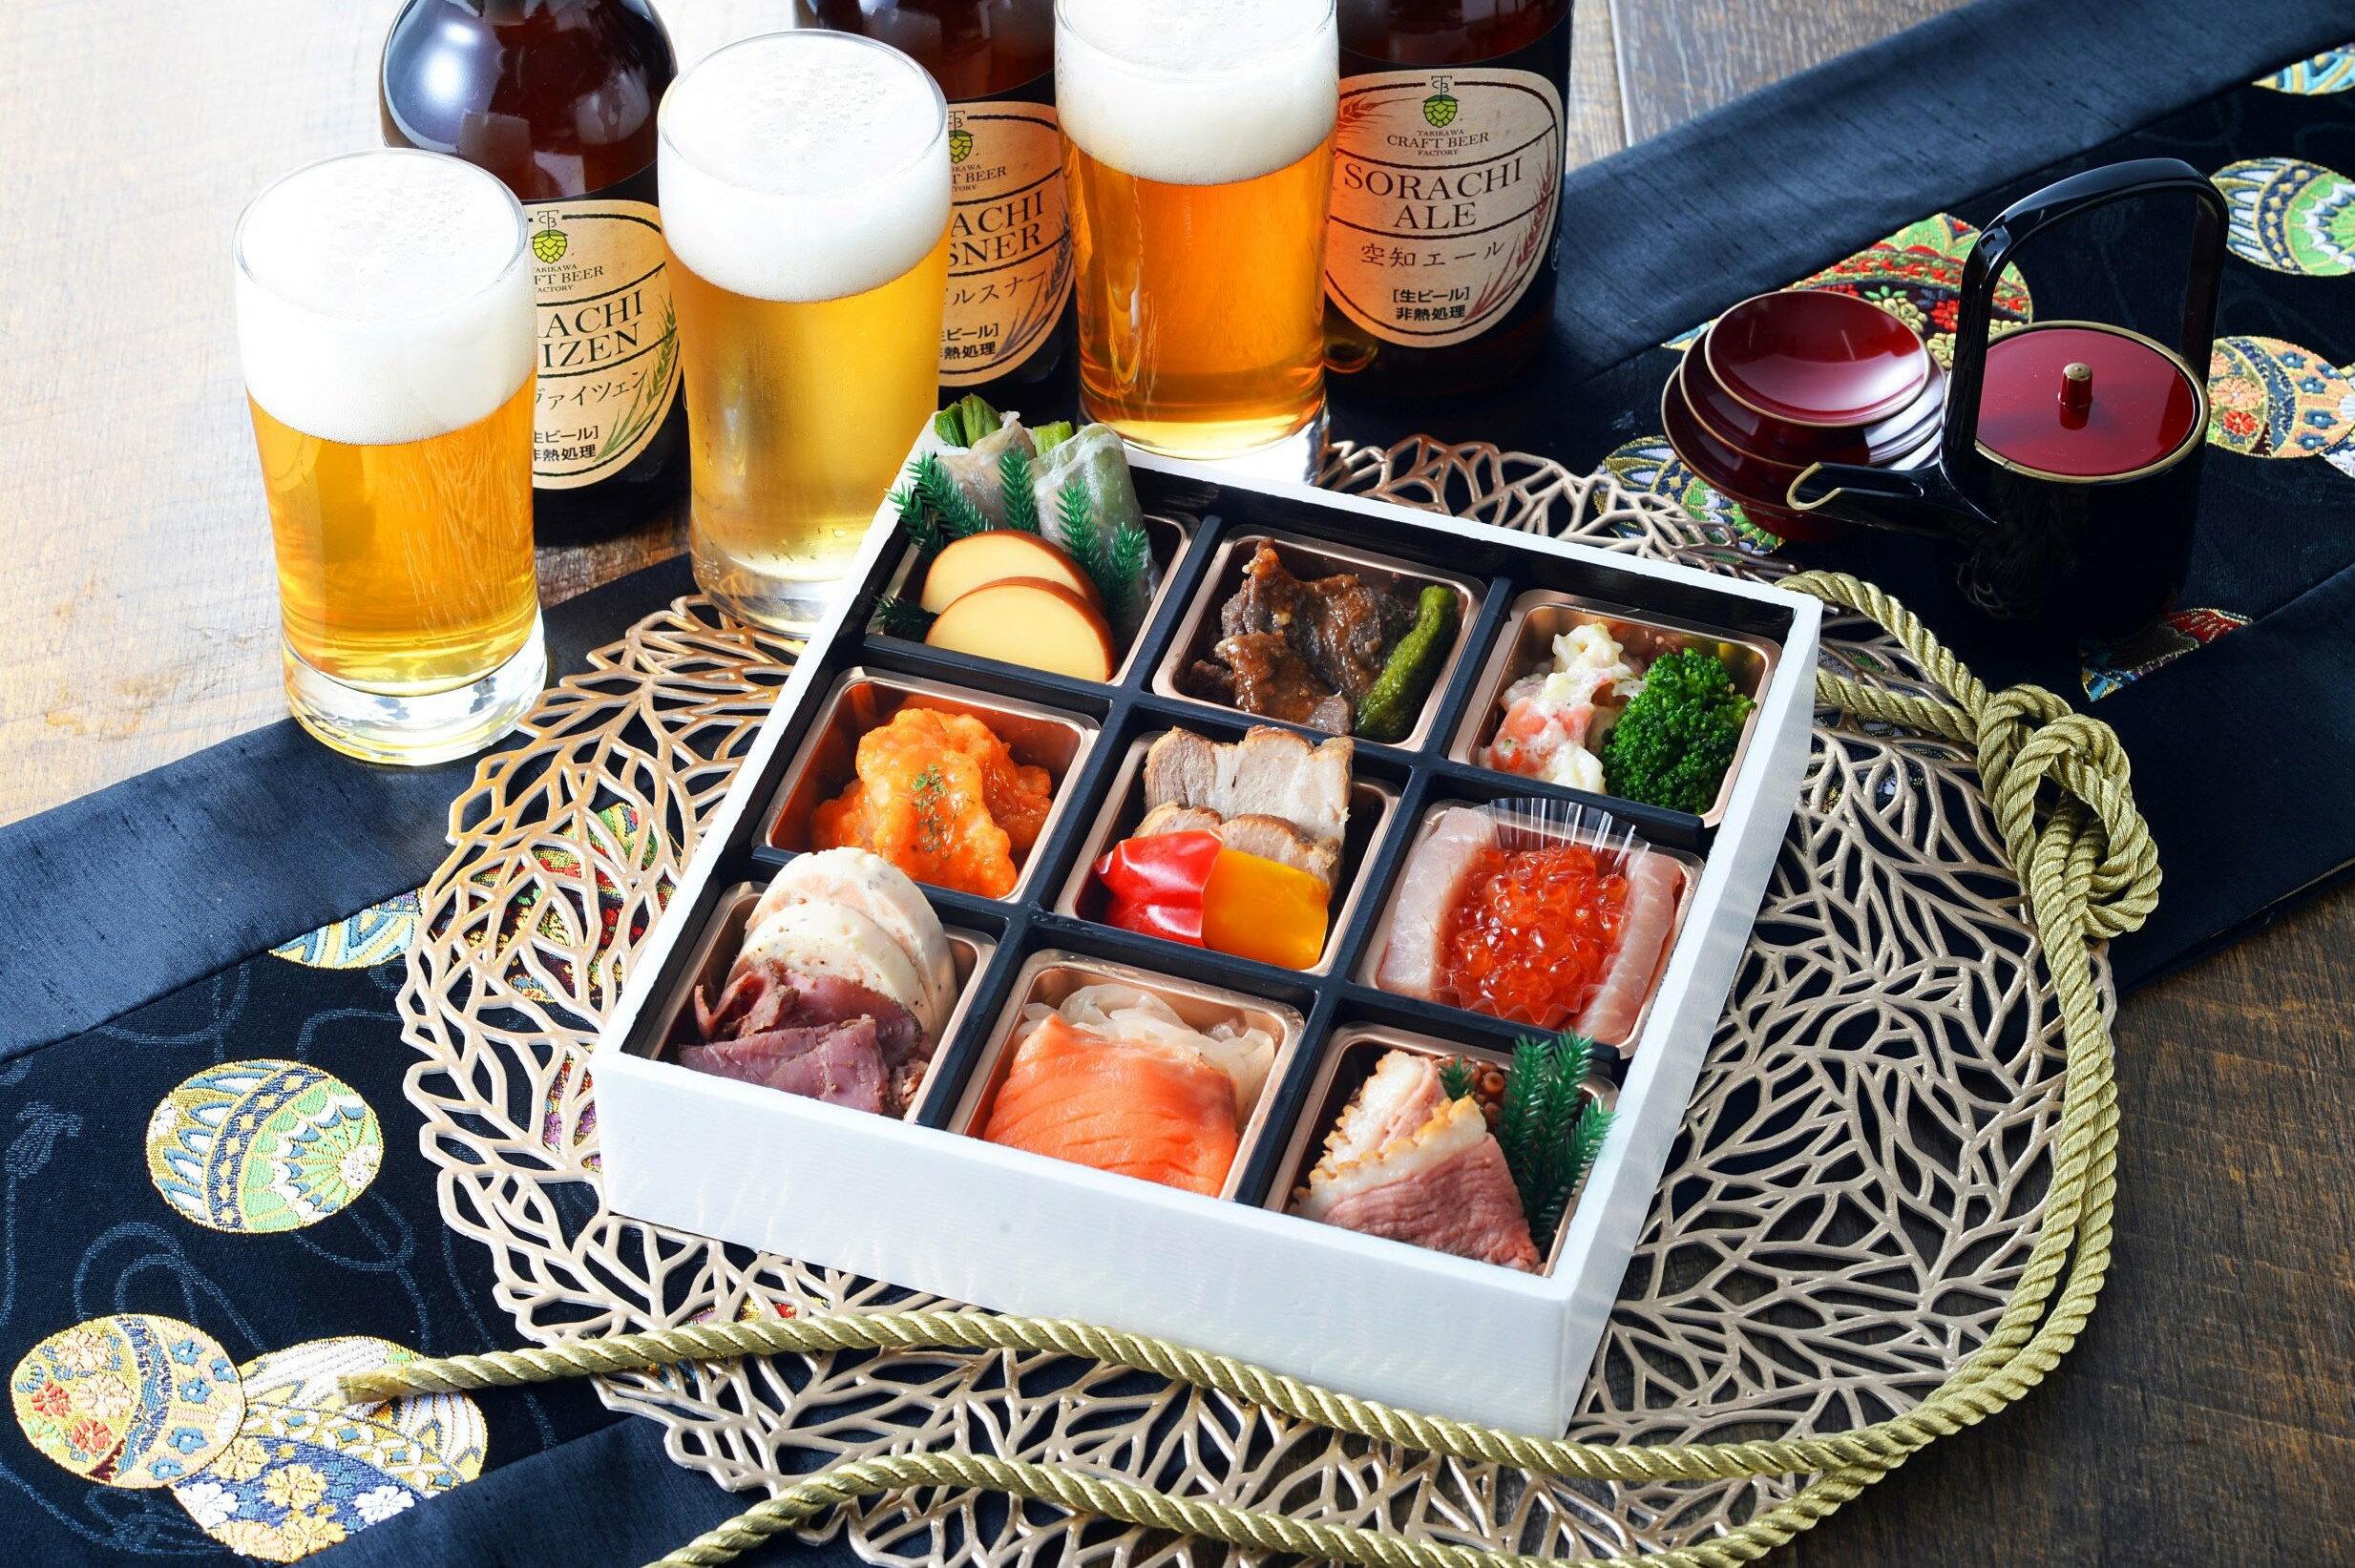 【ふるさと納税】【お正月準備】洋風おせち&地ビール3本